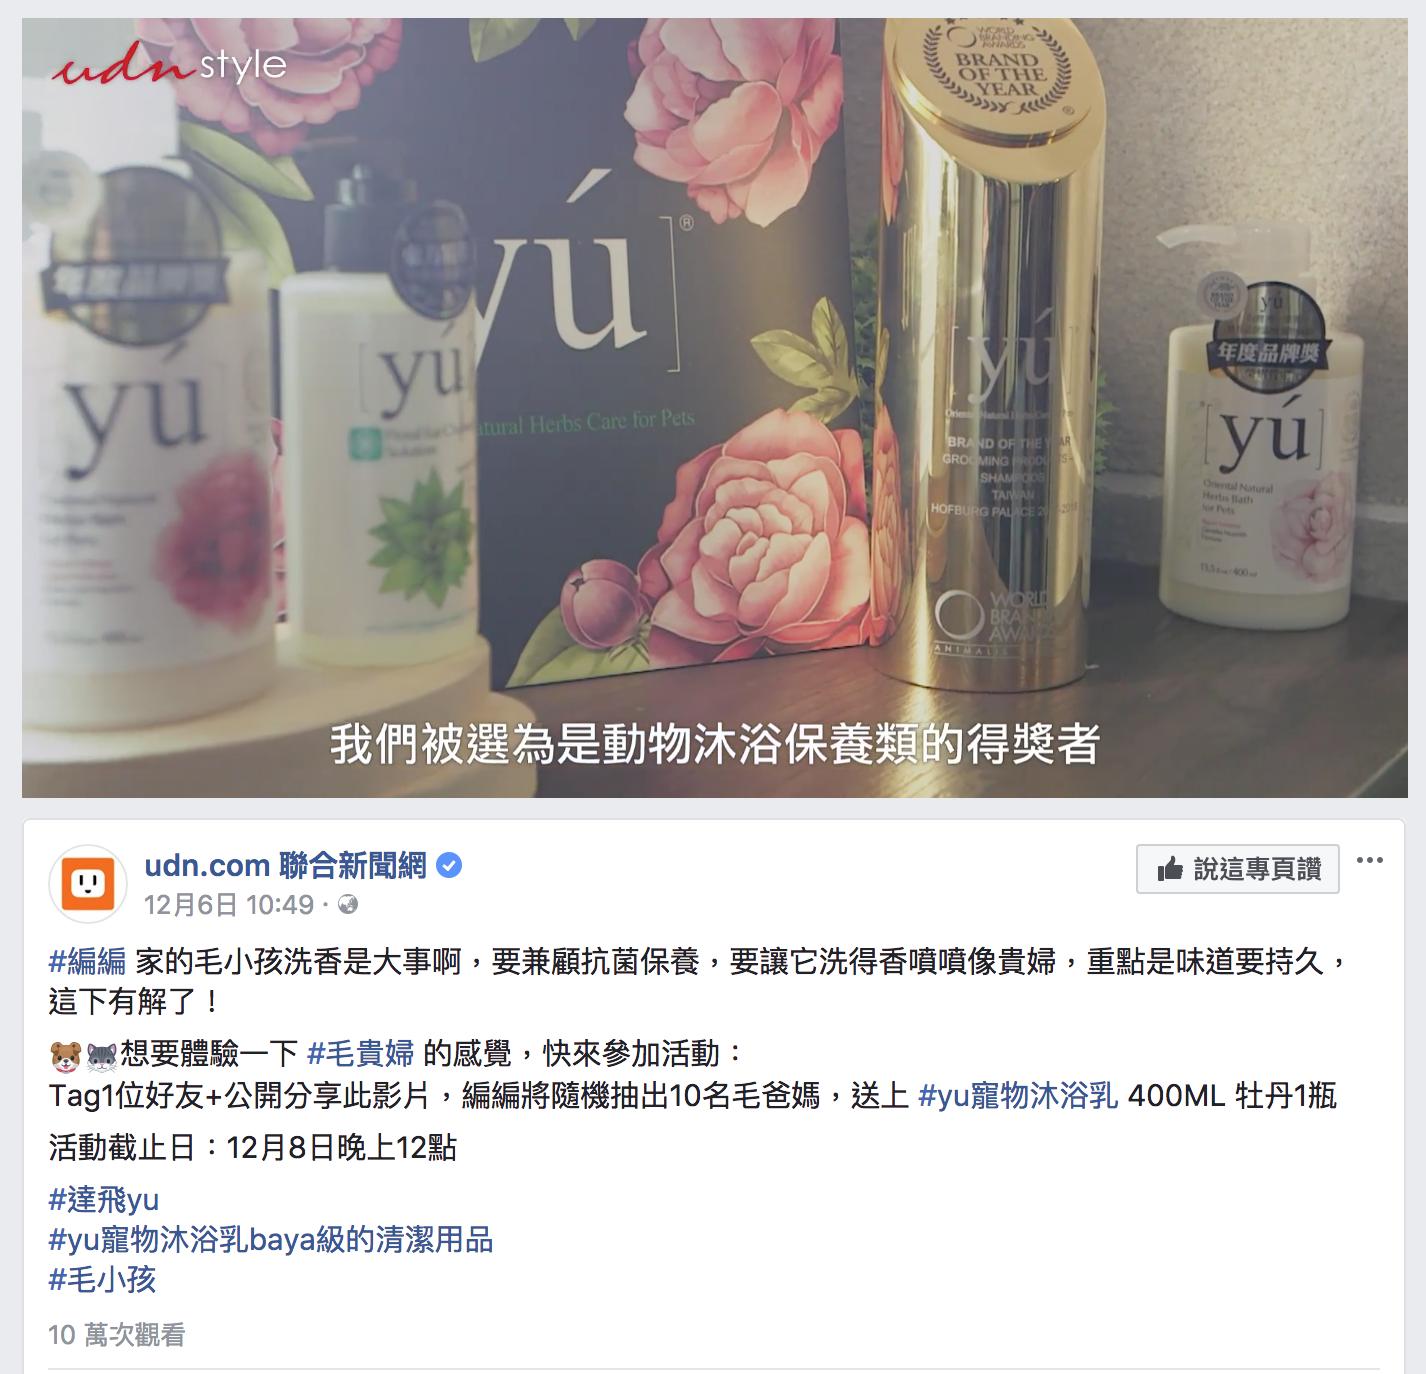 yu寵物沐浴乳baya級的清潔用品